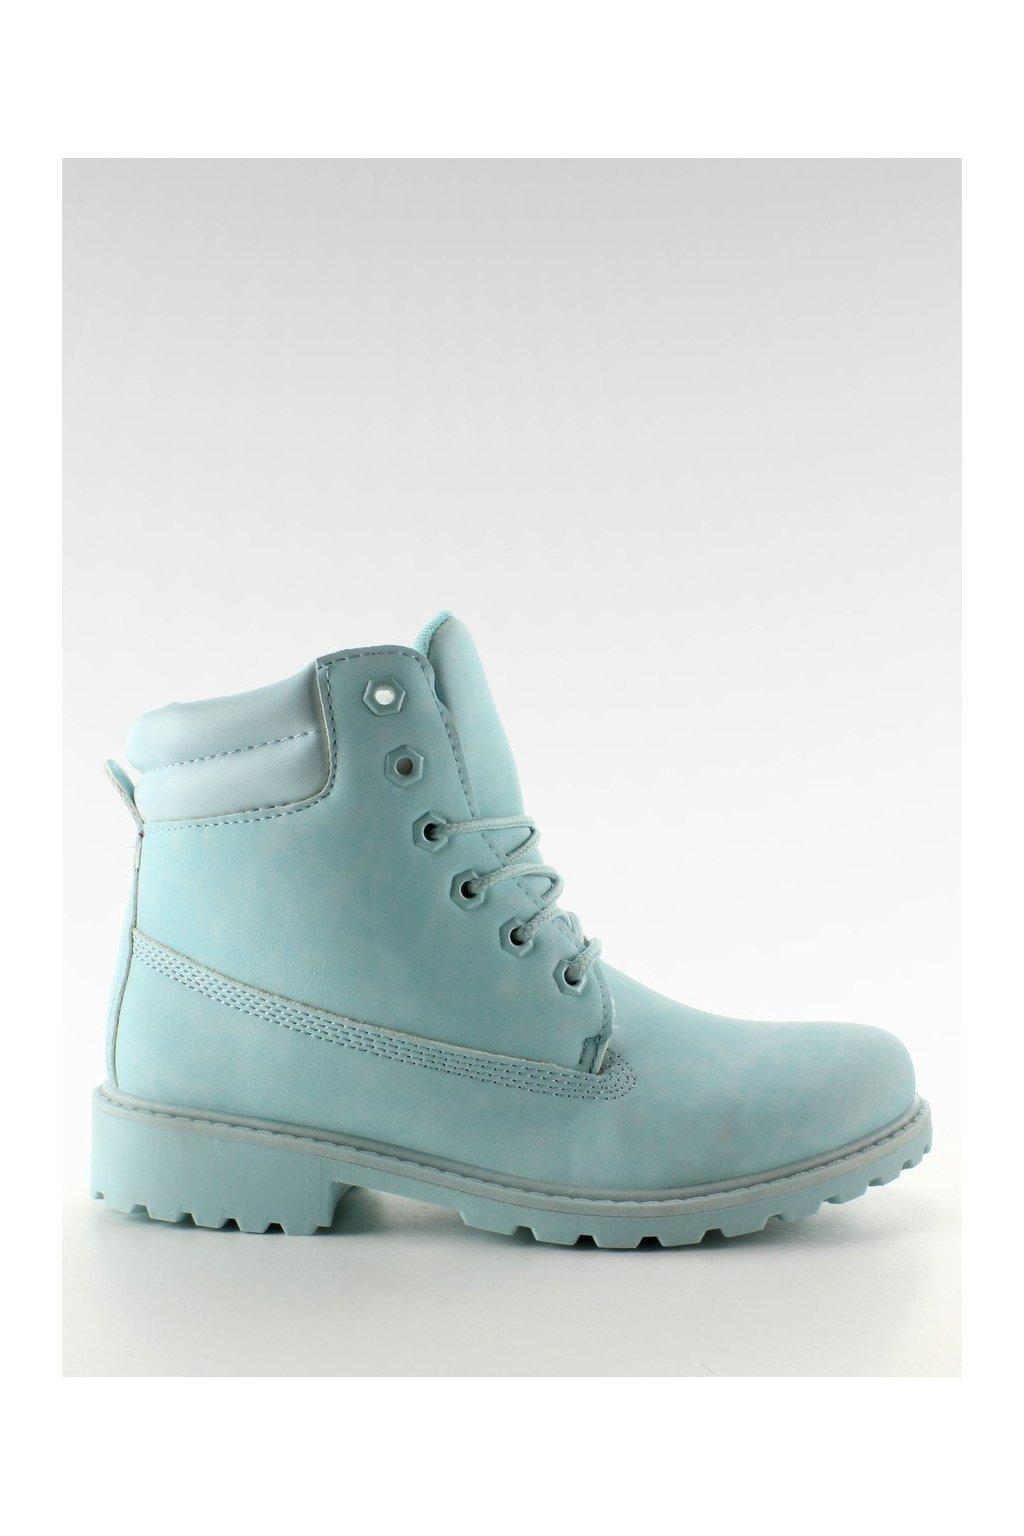 Dámske topánky na zimu modré BL83